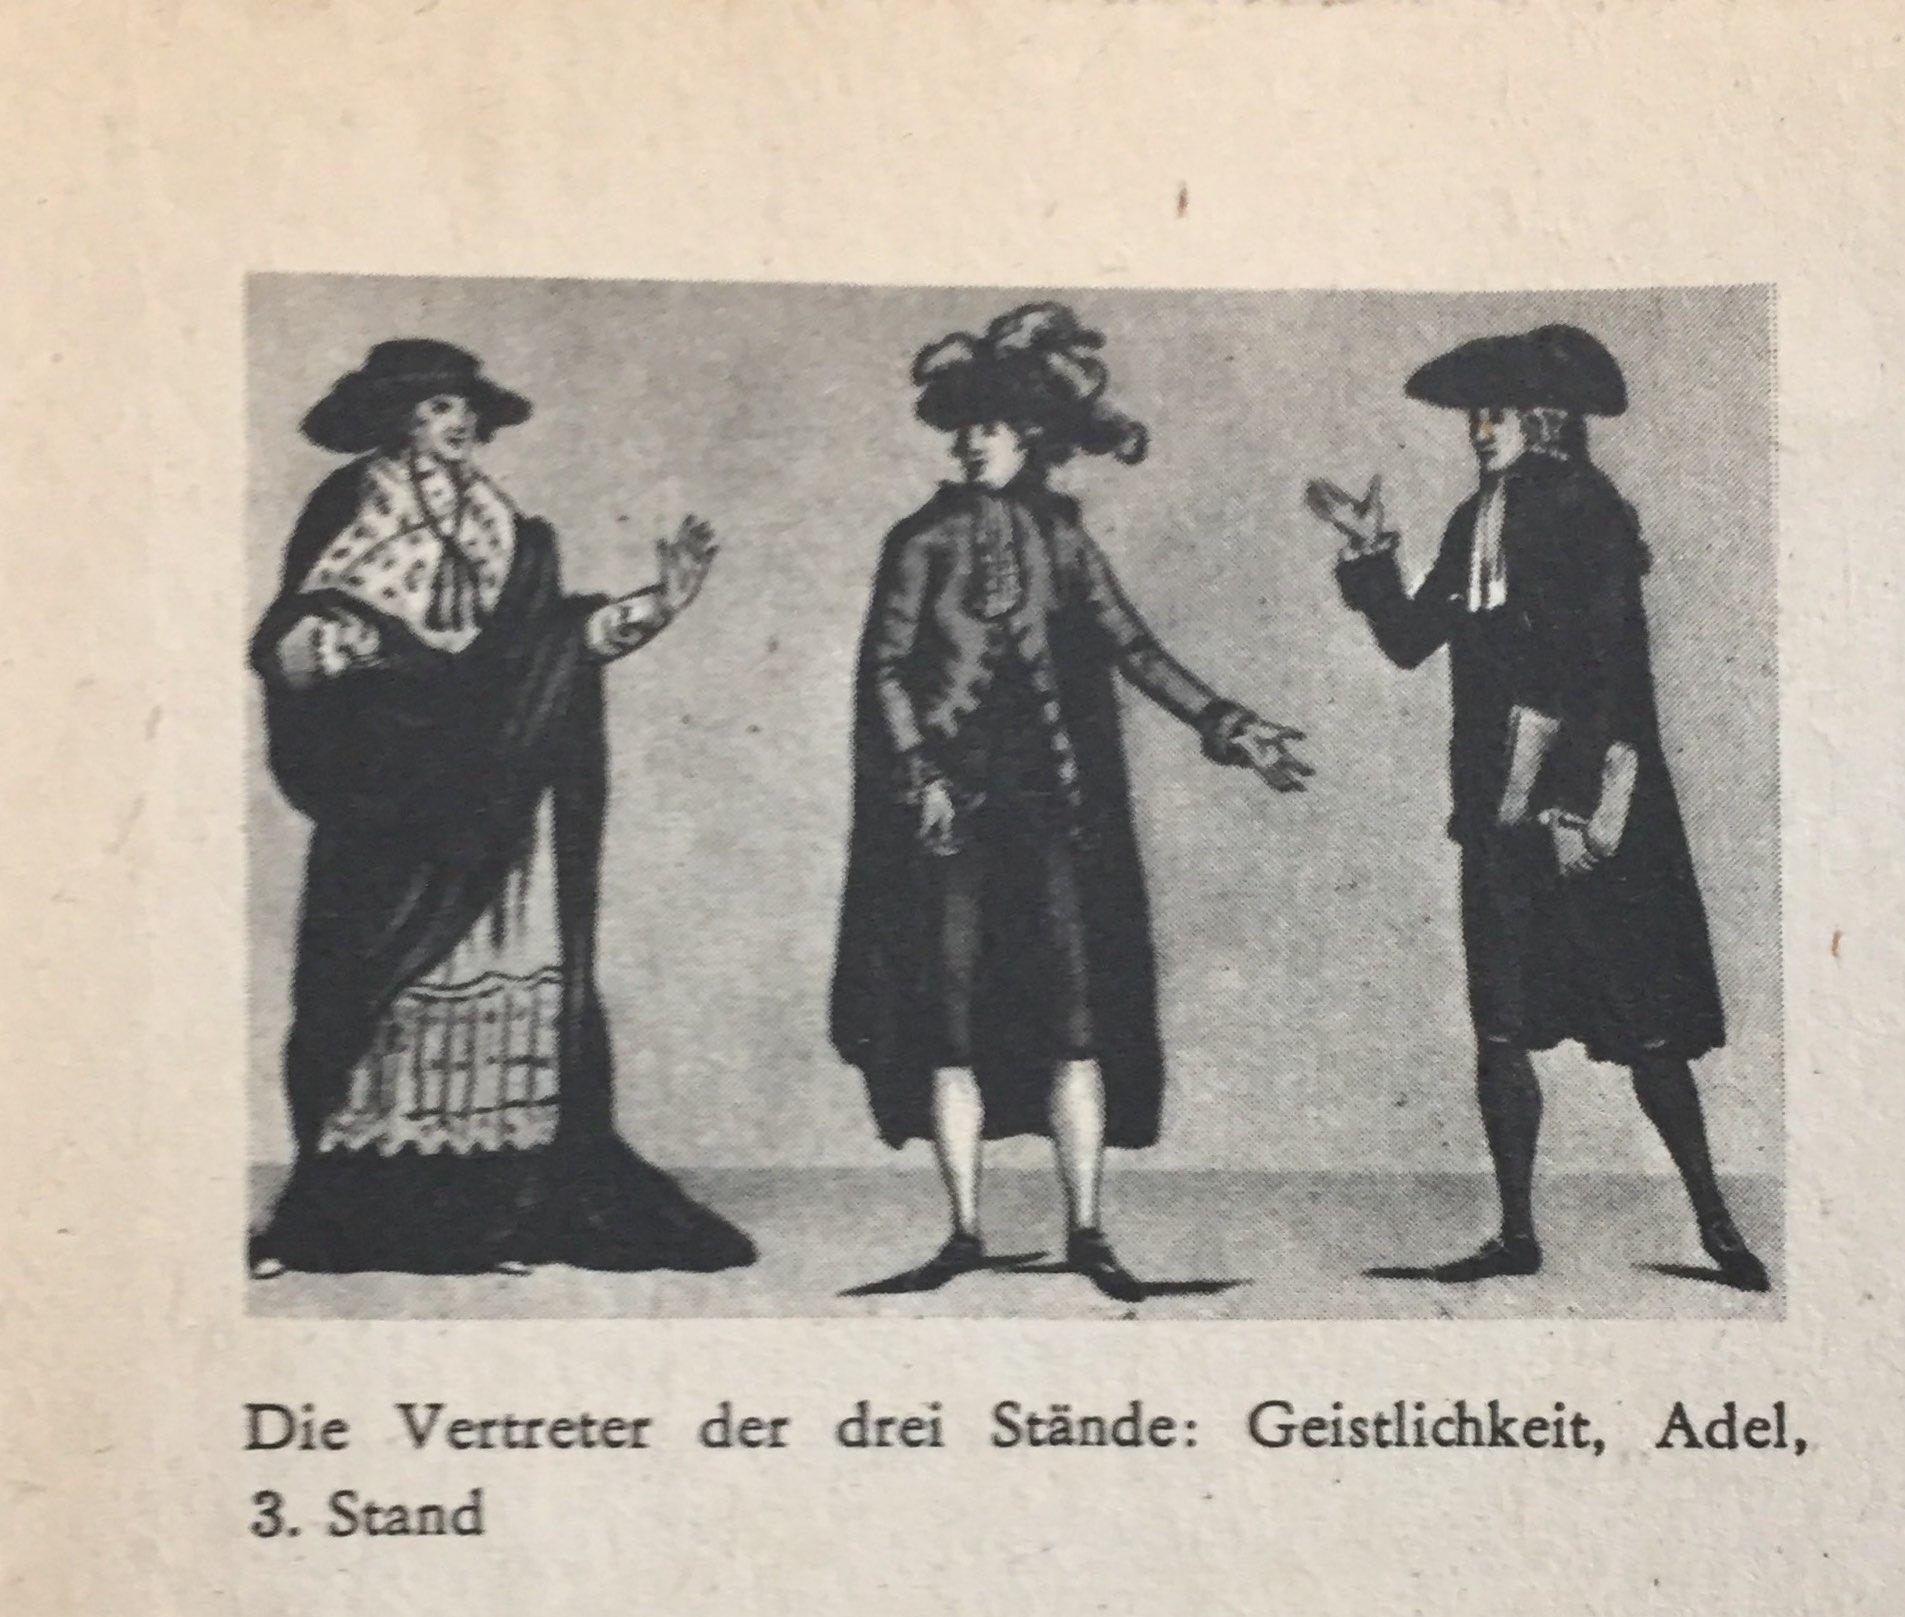 Das Entstehen einer revolutionären Situation(1787-1789)